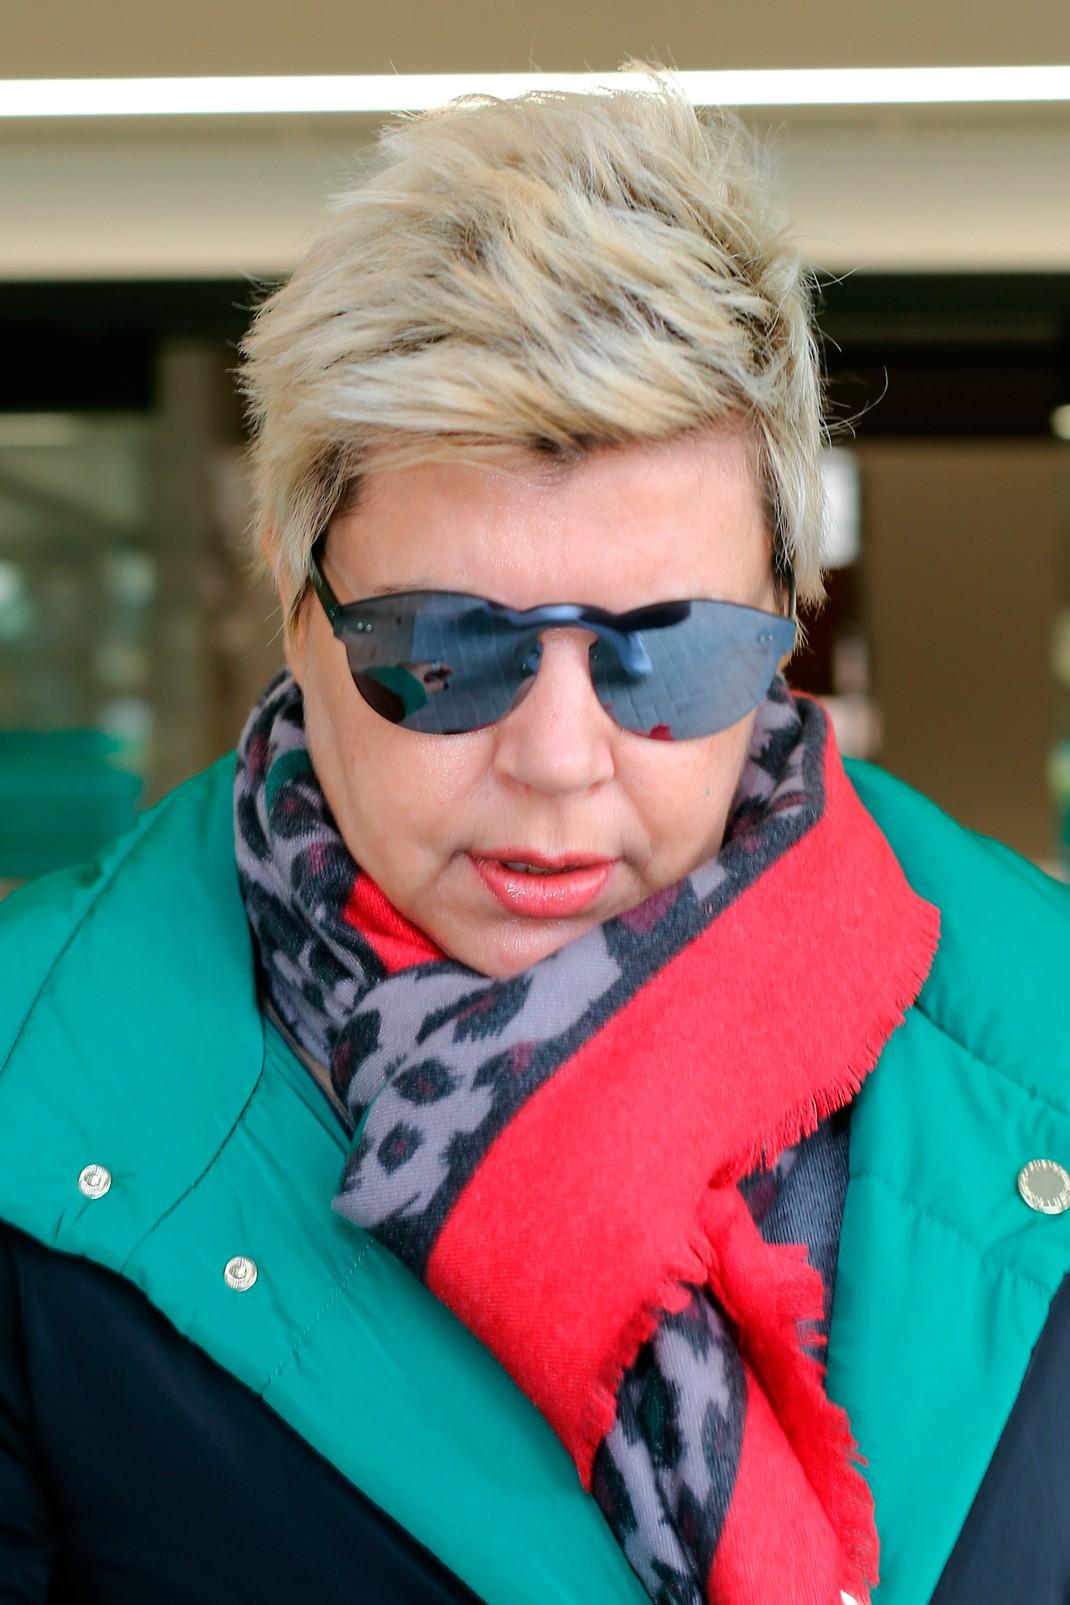 1f59dd678a Además, Terelu Campos ha preferido esconderse detrás de sus gafas de sol.  Ha optado por una bufanda al cuello y un abrigo de plumón para resguardarse  así de ...